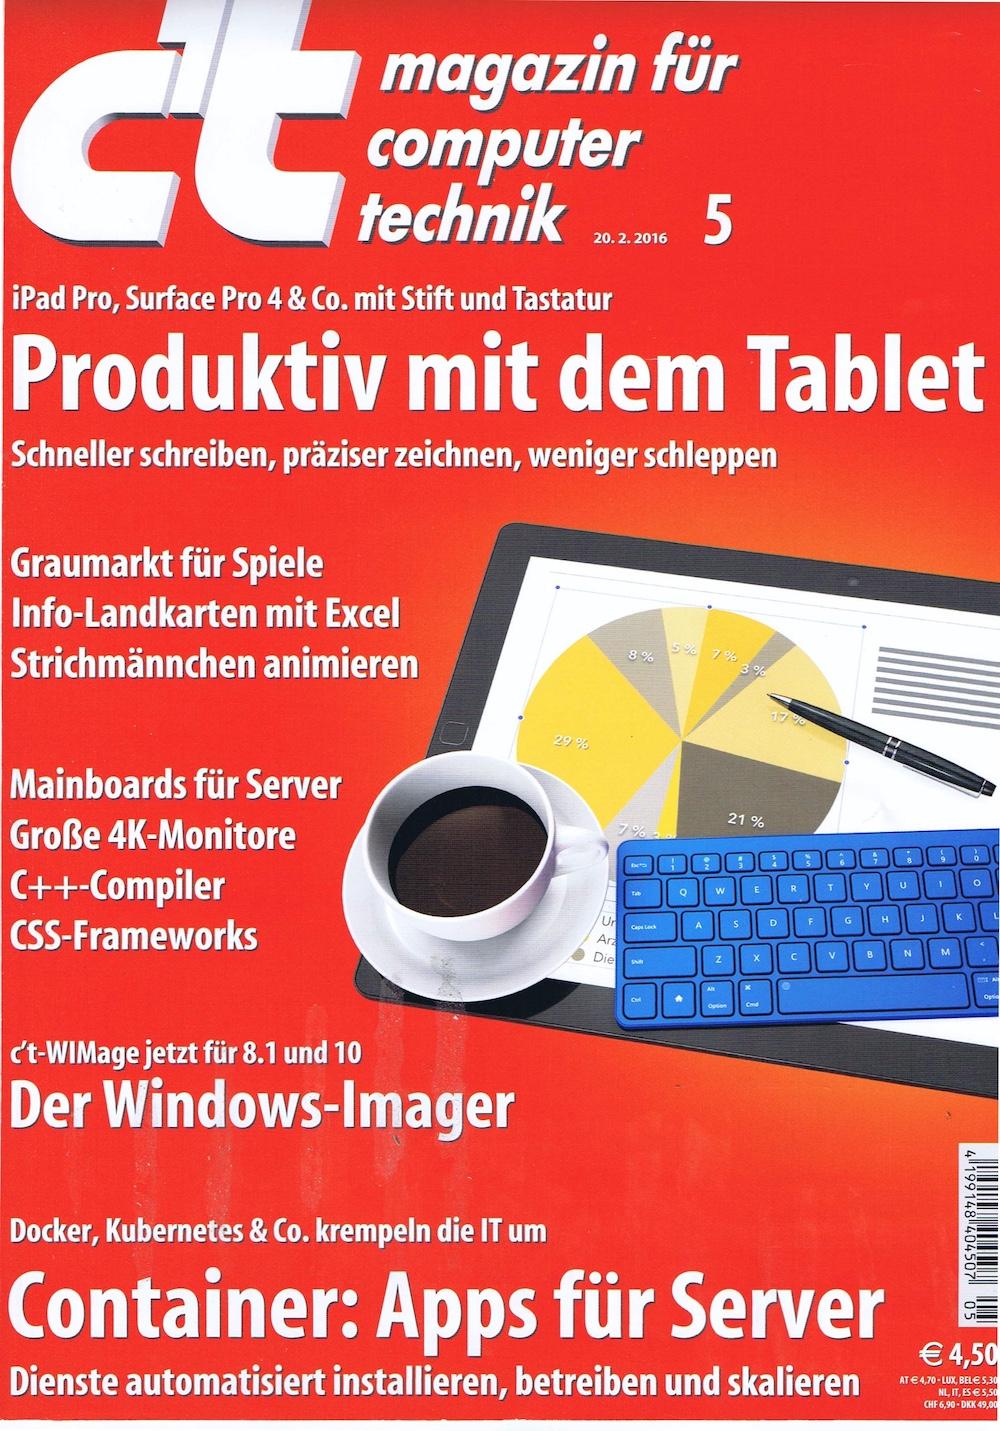 c't Magazin 2016-05